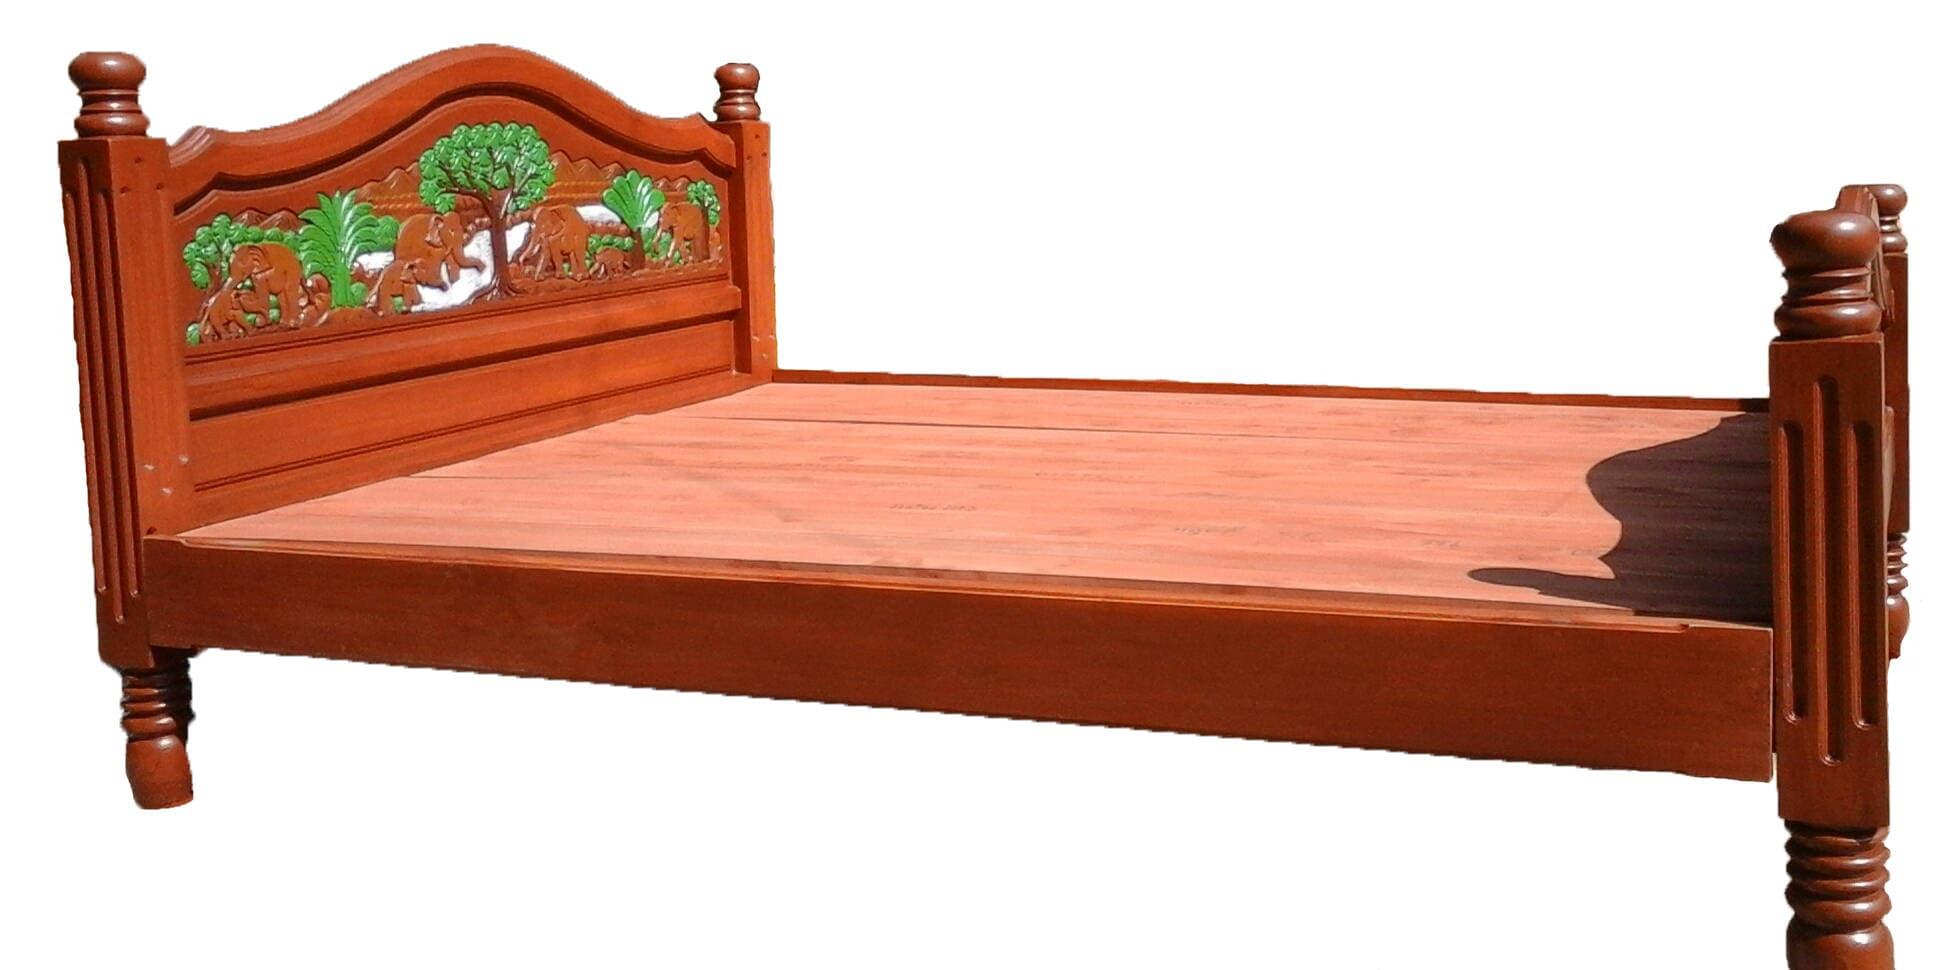 Modern King Queen Size Carving Teak Wood Platform Bed Frame Etsy